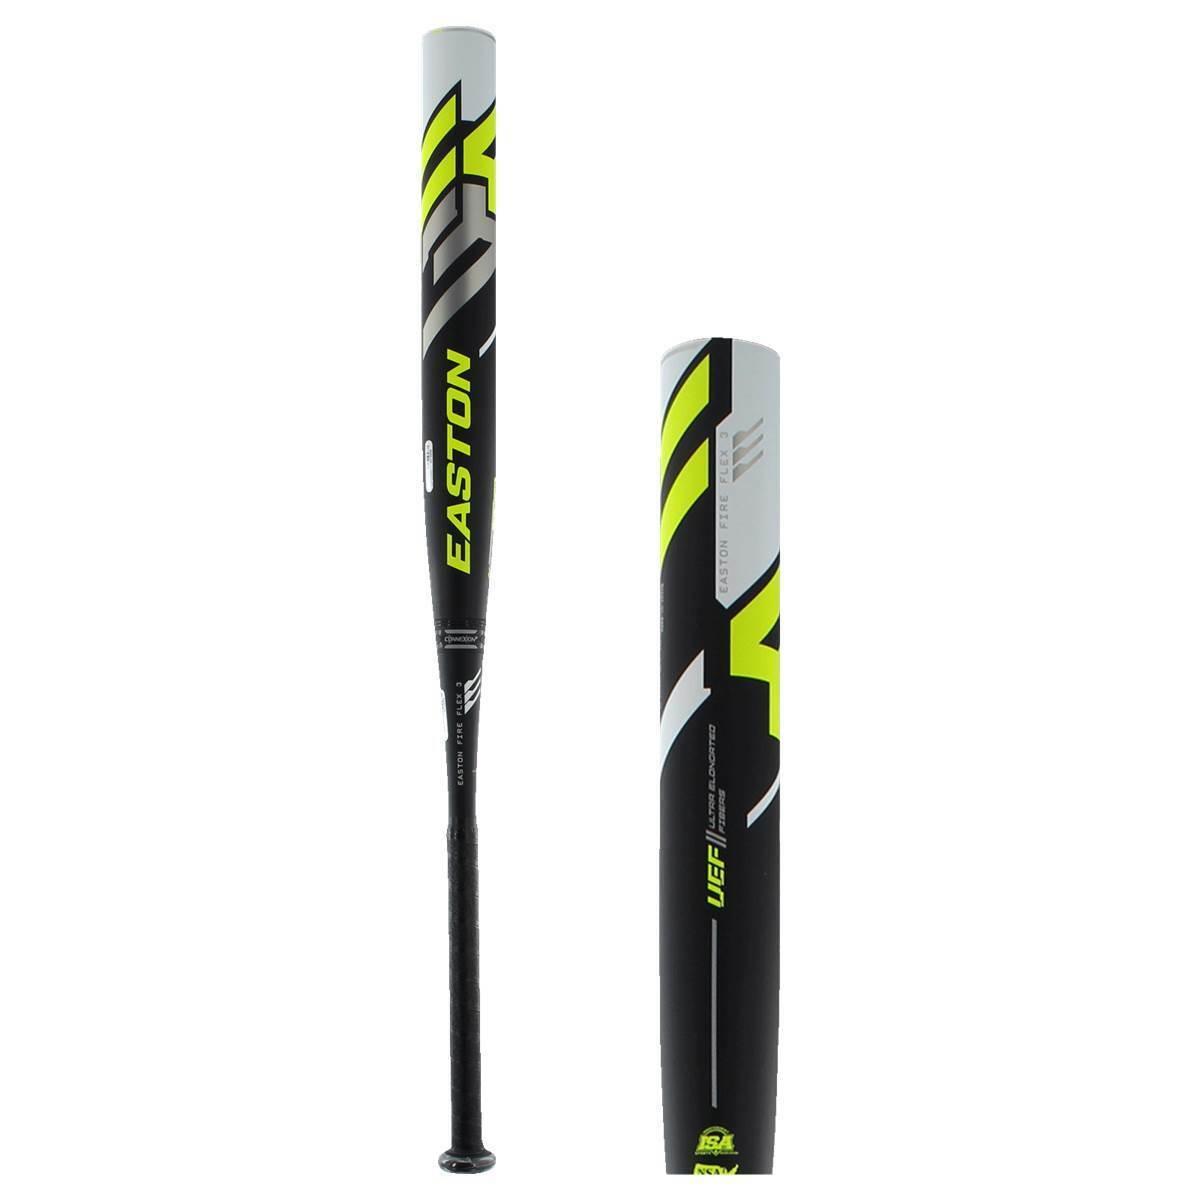 2019 fuego Easton Flex 3 13.5  Slowpitch Bat usssa Cochegado SP19FF3L 34 26